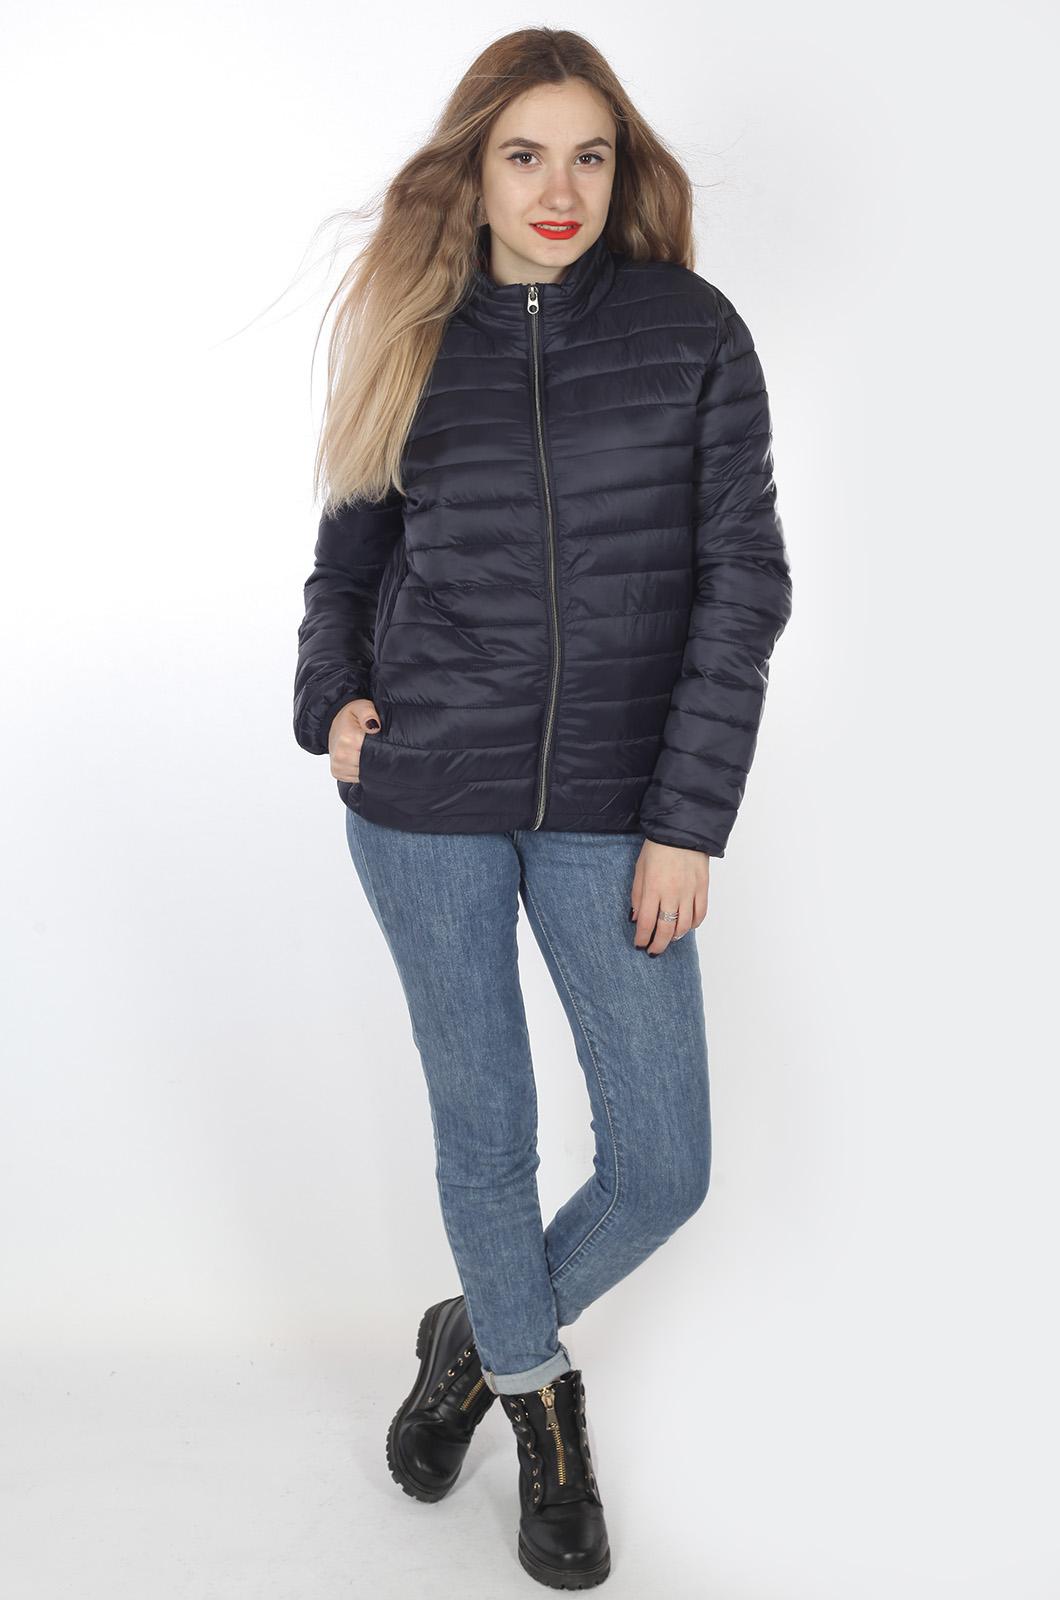 Темная демисезонная куртка от бренда J. HART & BROS - заказать онлайн